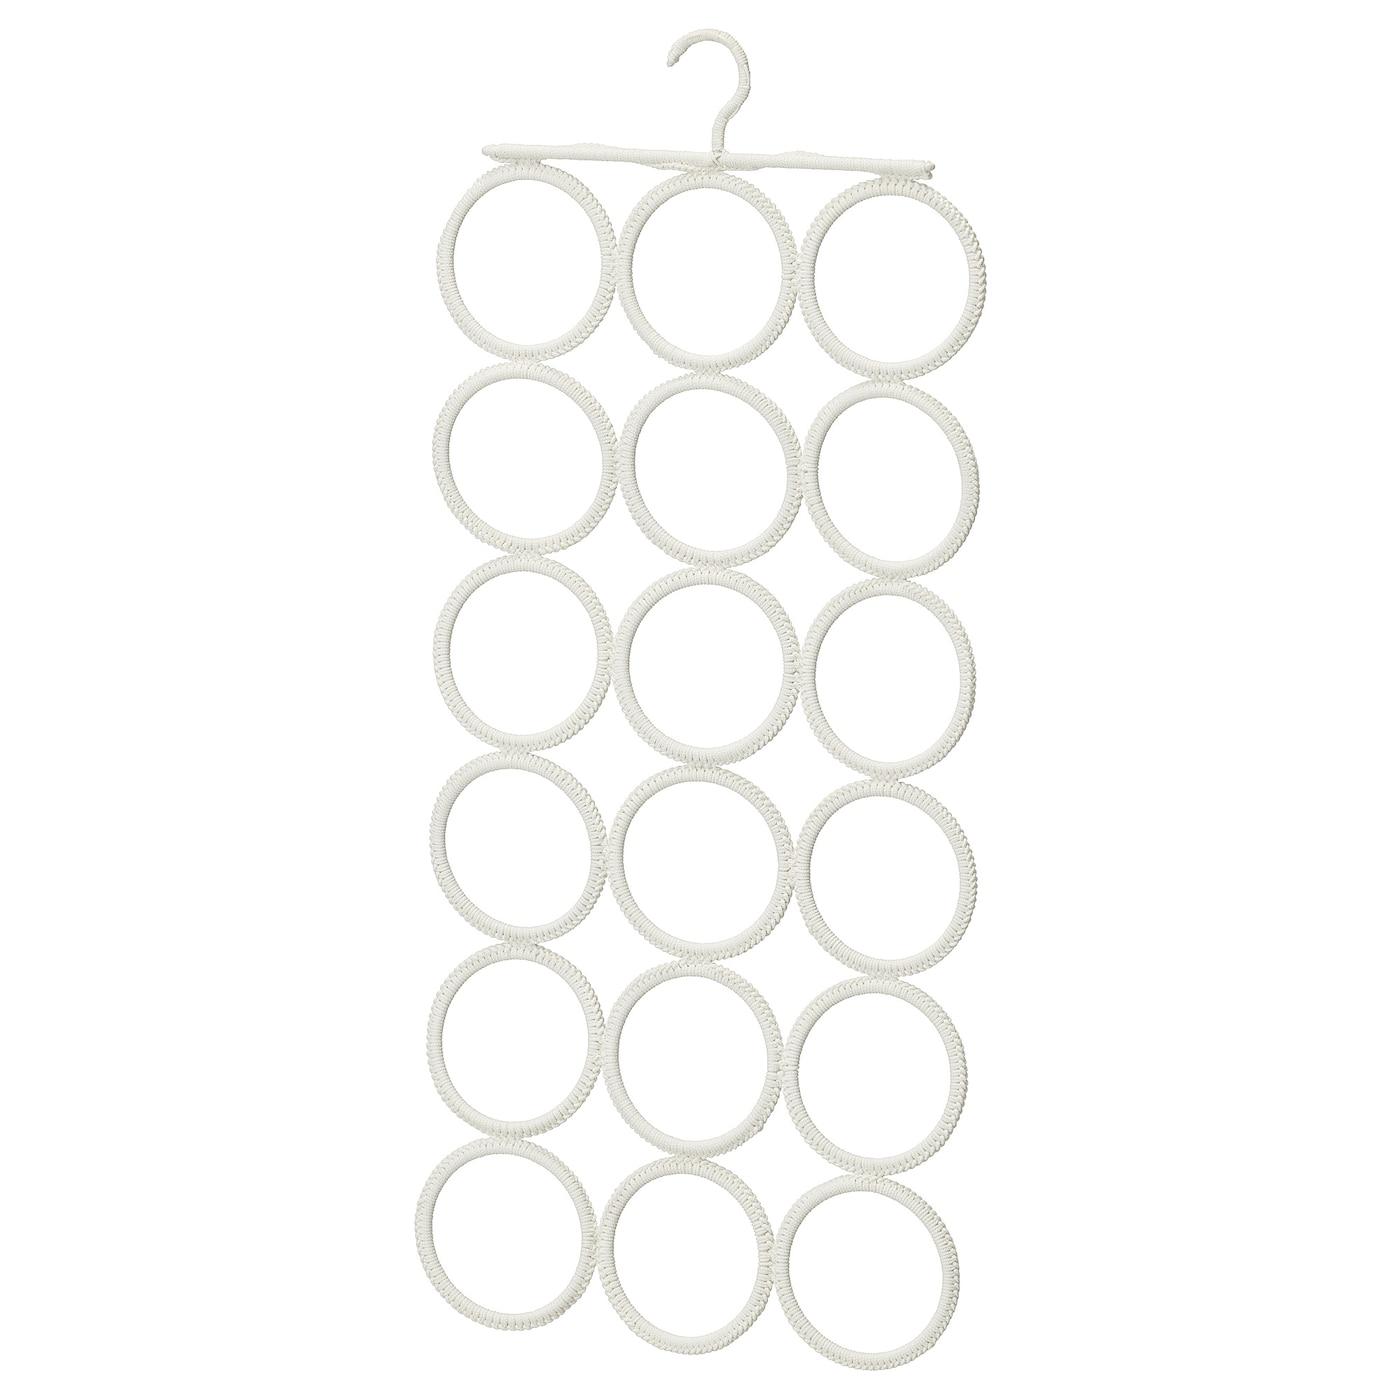 KOMPLEMENT Multihängare, vit IKEA